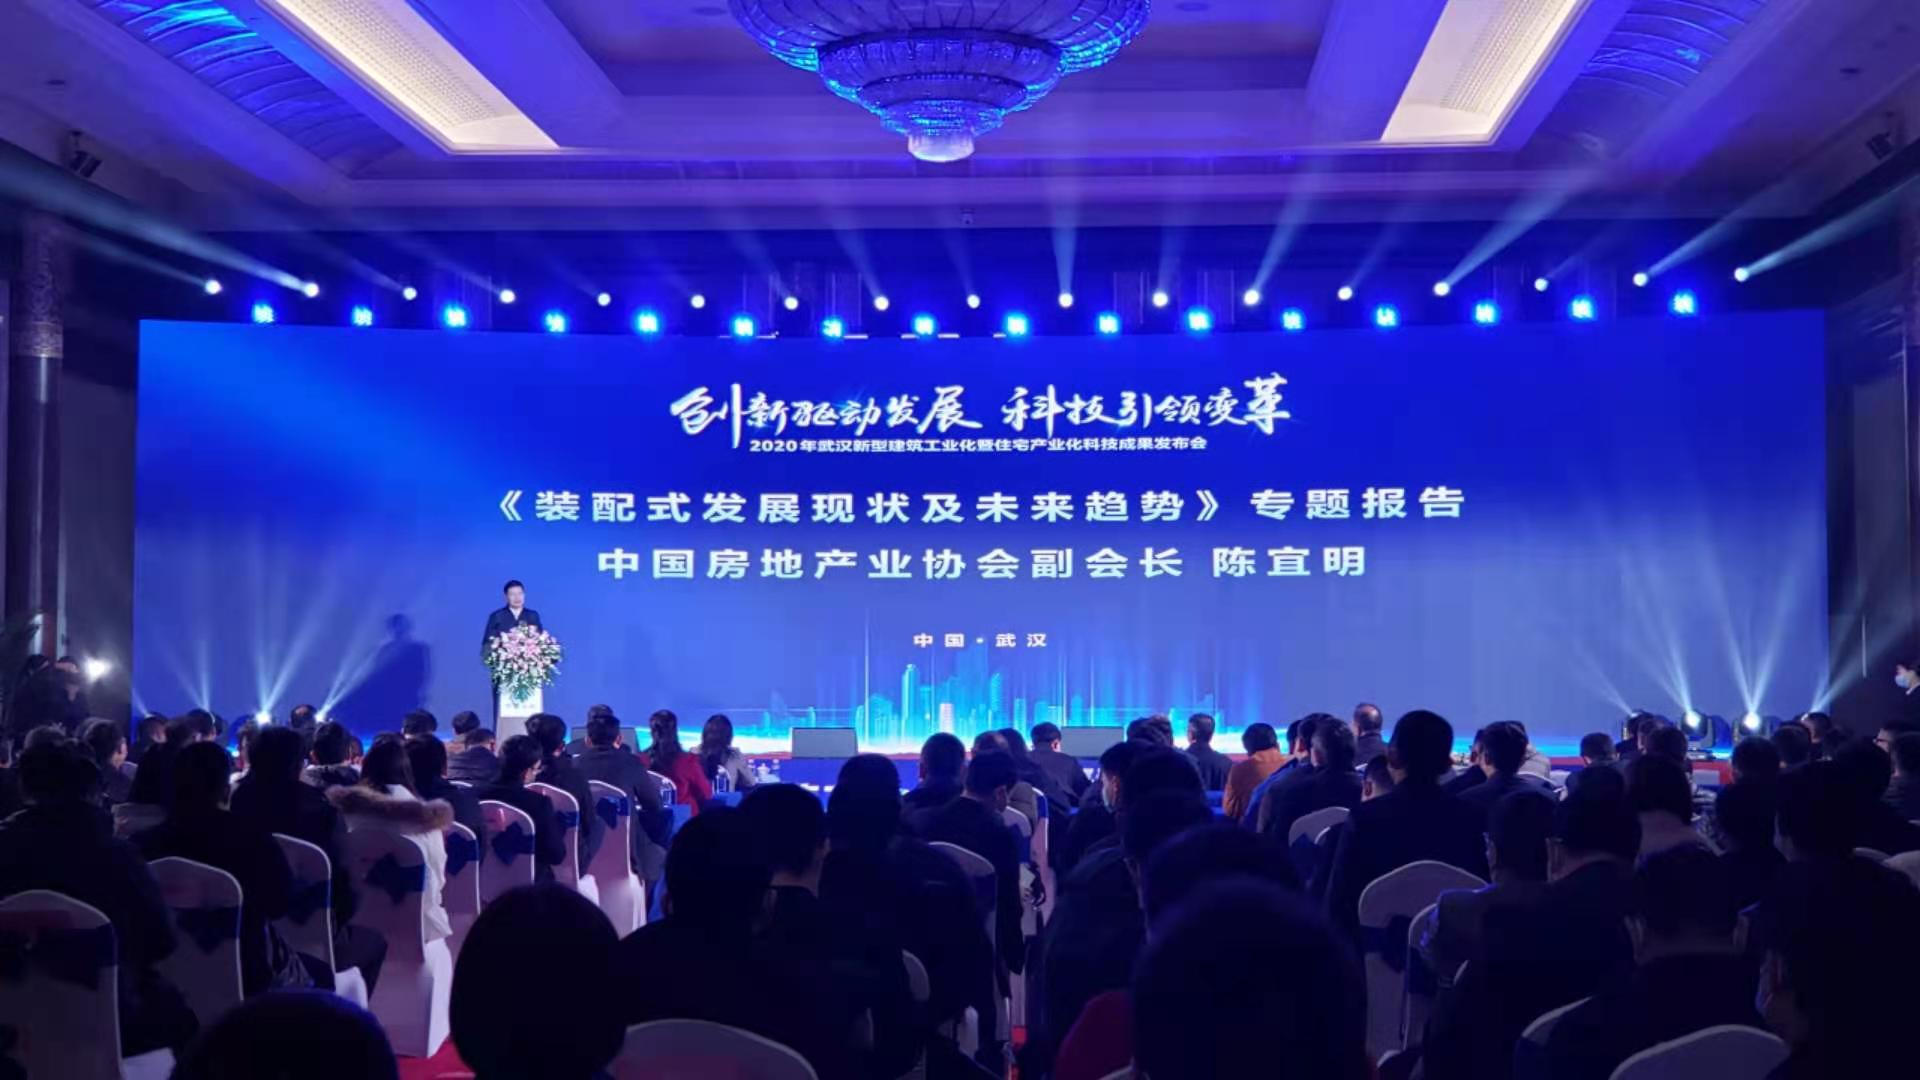 武汉新型建筑工业化暨住宅产业化科技成...